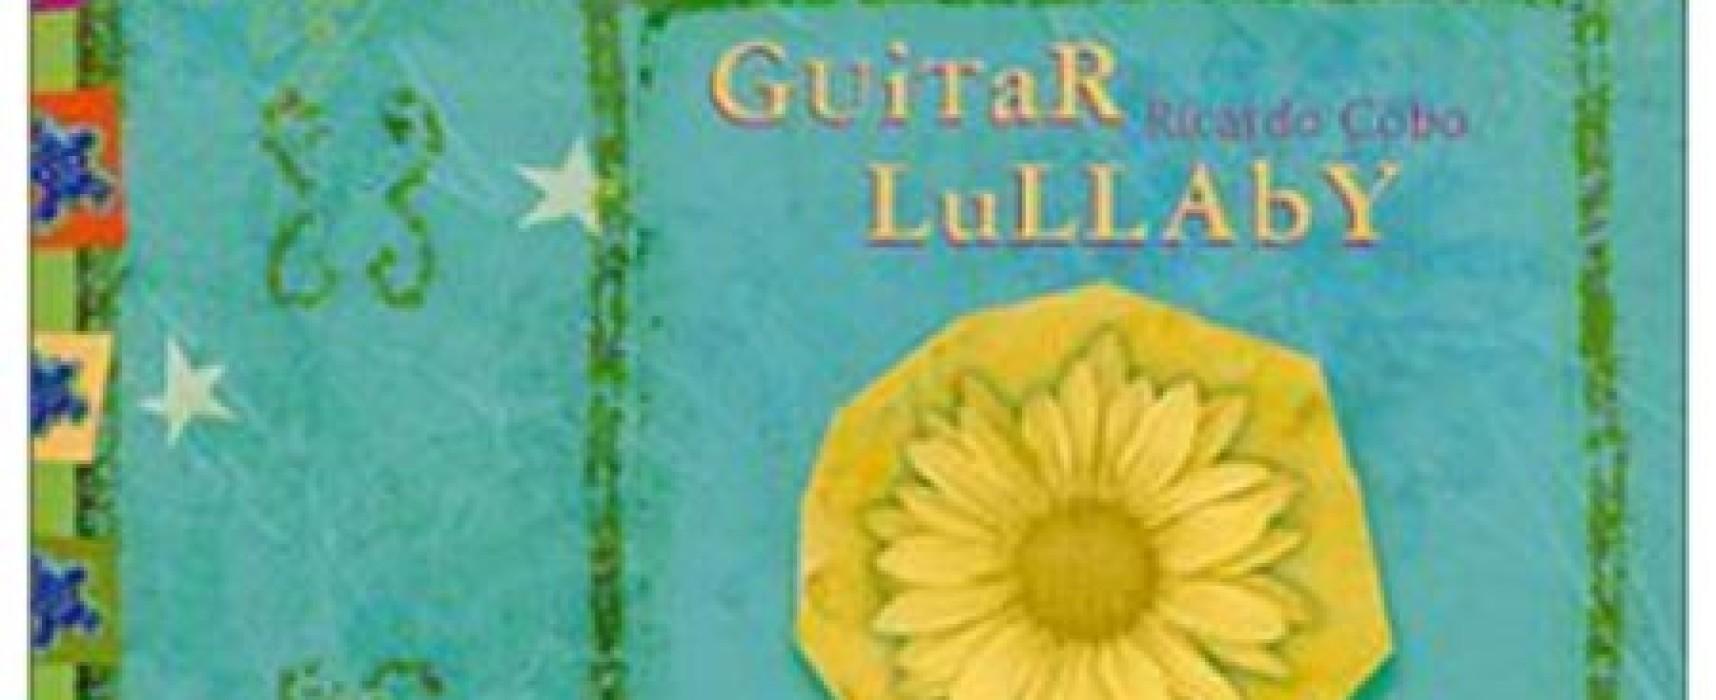 Müzik Çekmecesi gururla sunar! Klasik gitardan seçmeler!